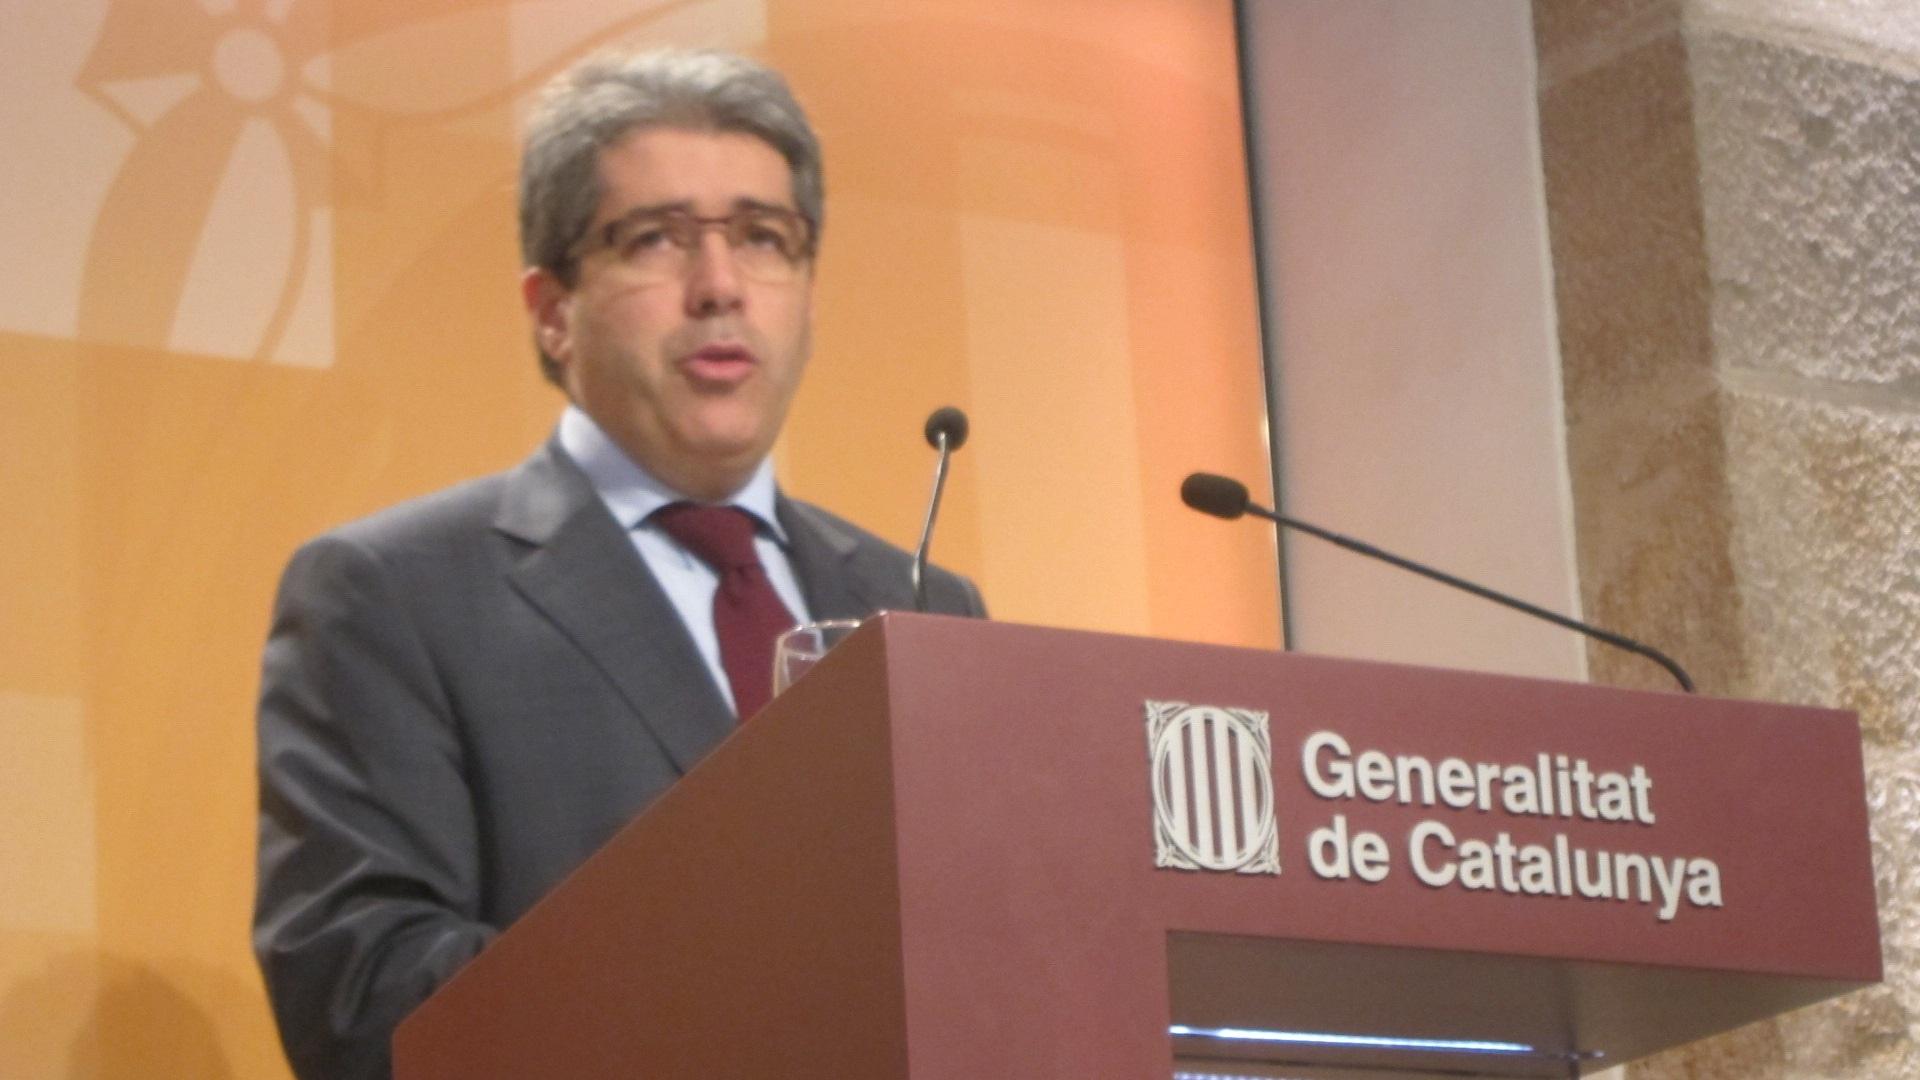 La Generalitat publicita una subvención de 1,4 millones a Òmnium